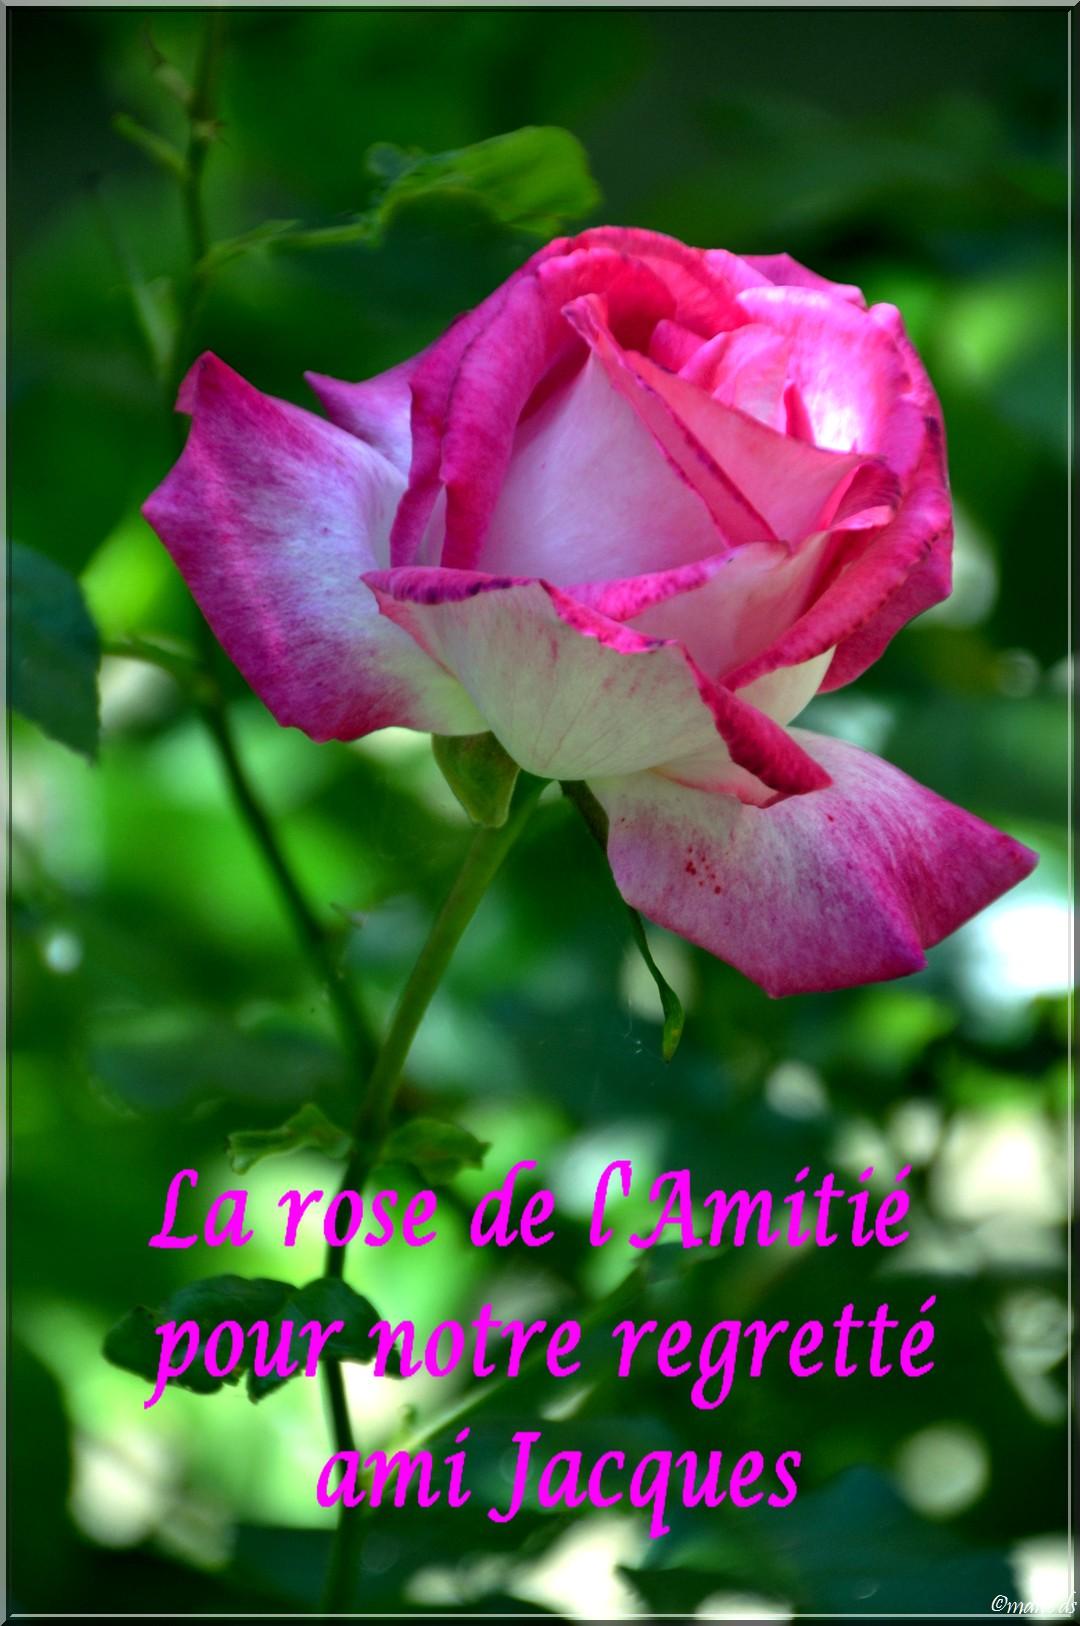 Une rose pour notre regretté ami Jacques